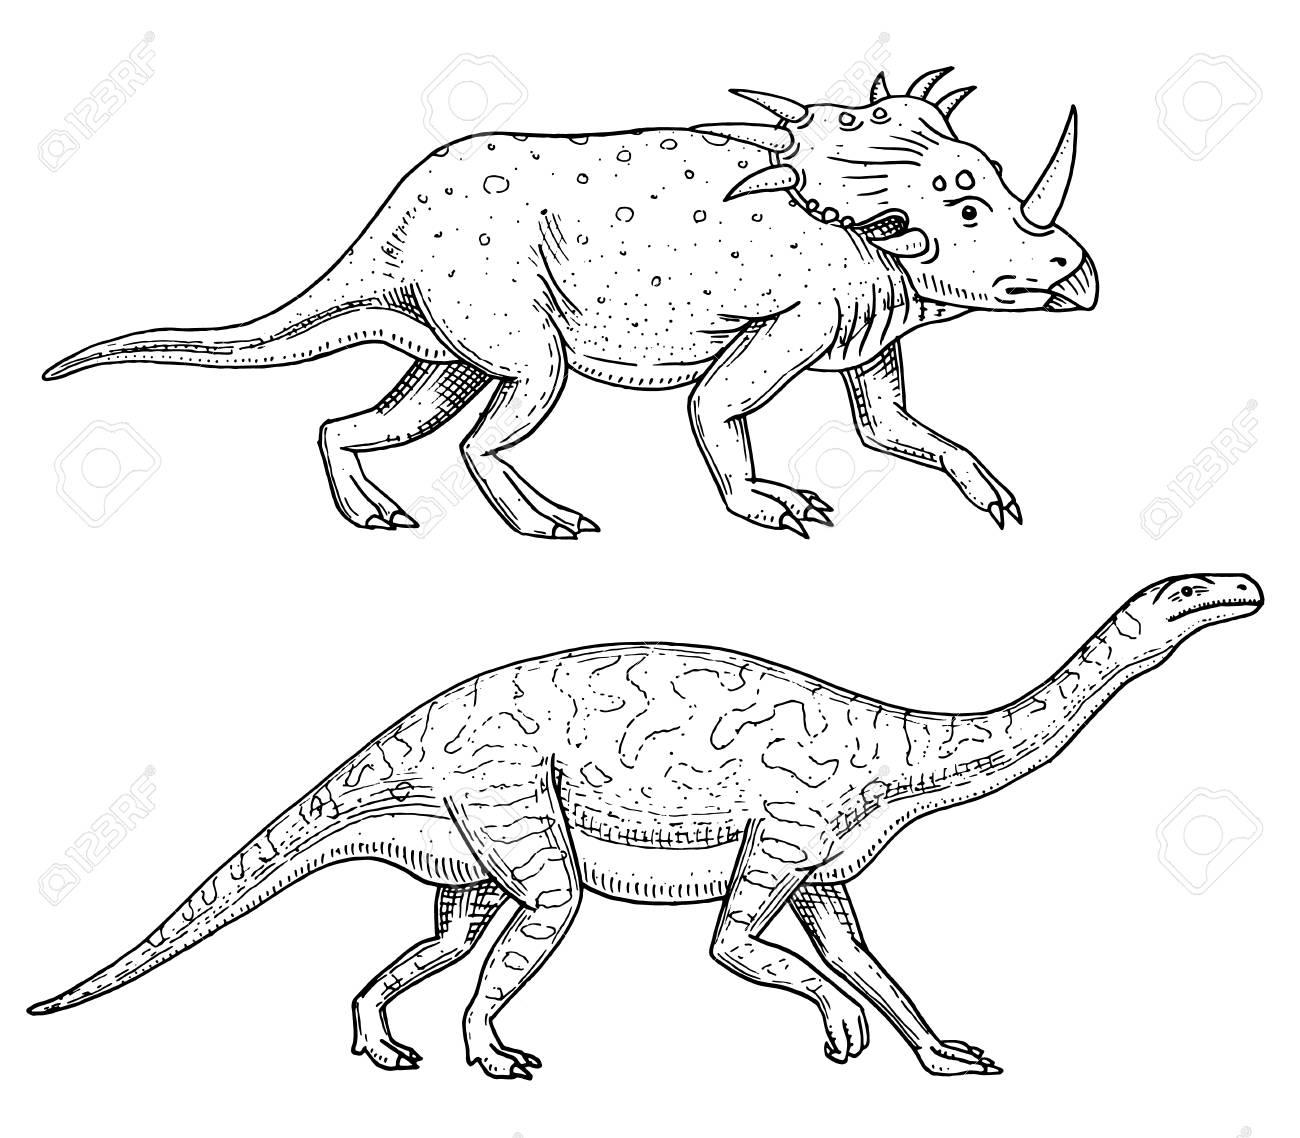 恐竜トリケラトプス、バロサウルス、アパトサウルス、テノントサウルス ...